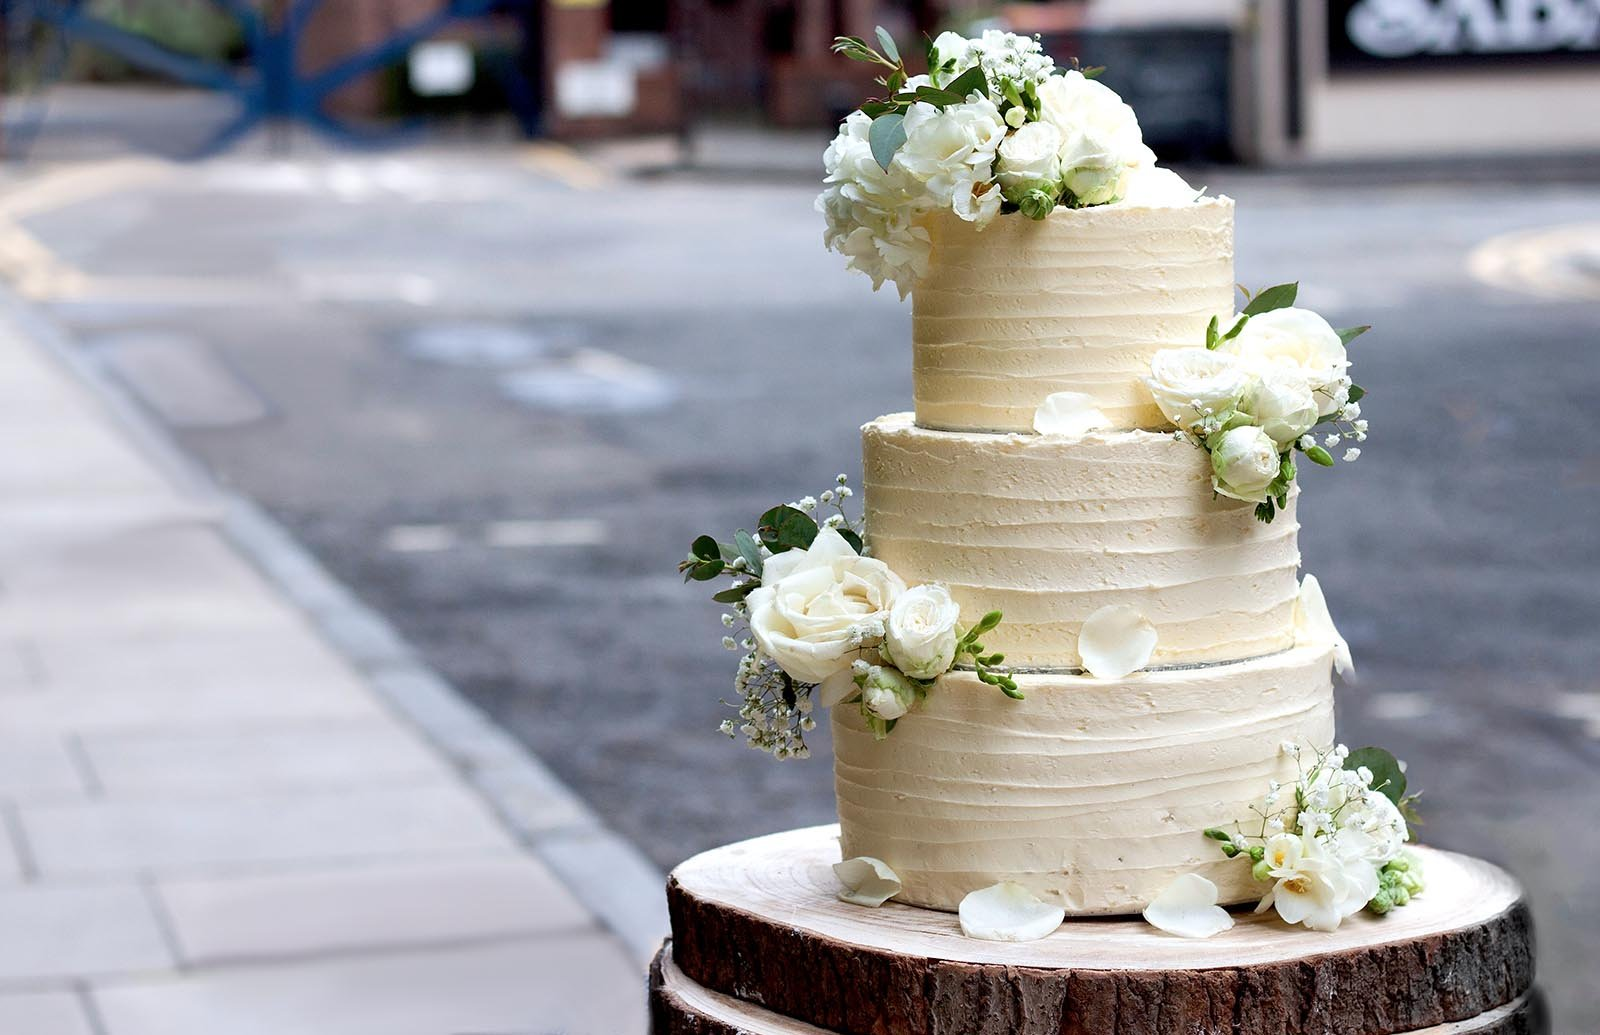 Vegane Hochzeitstorte – Eine himmlische Zitronen-Holunderblüten-Torte